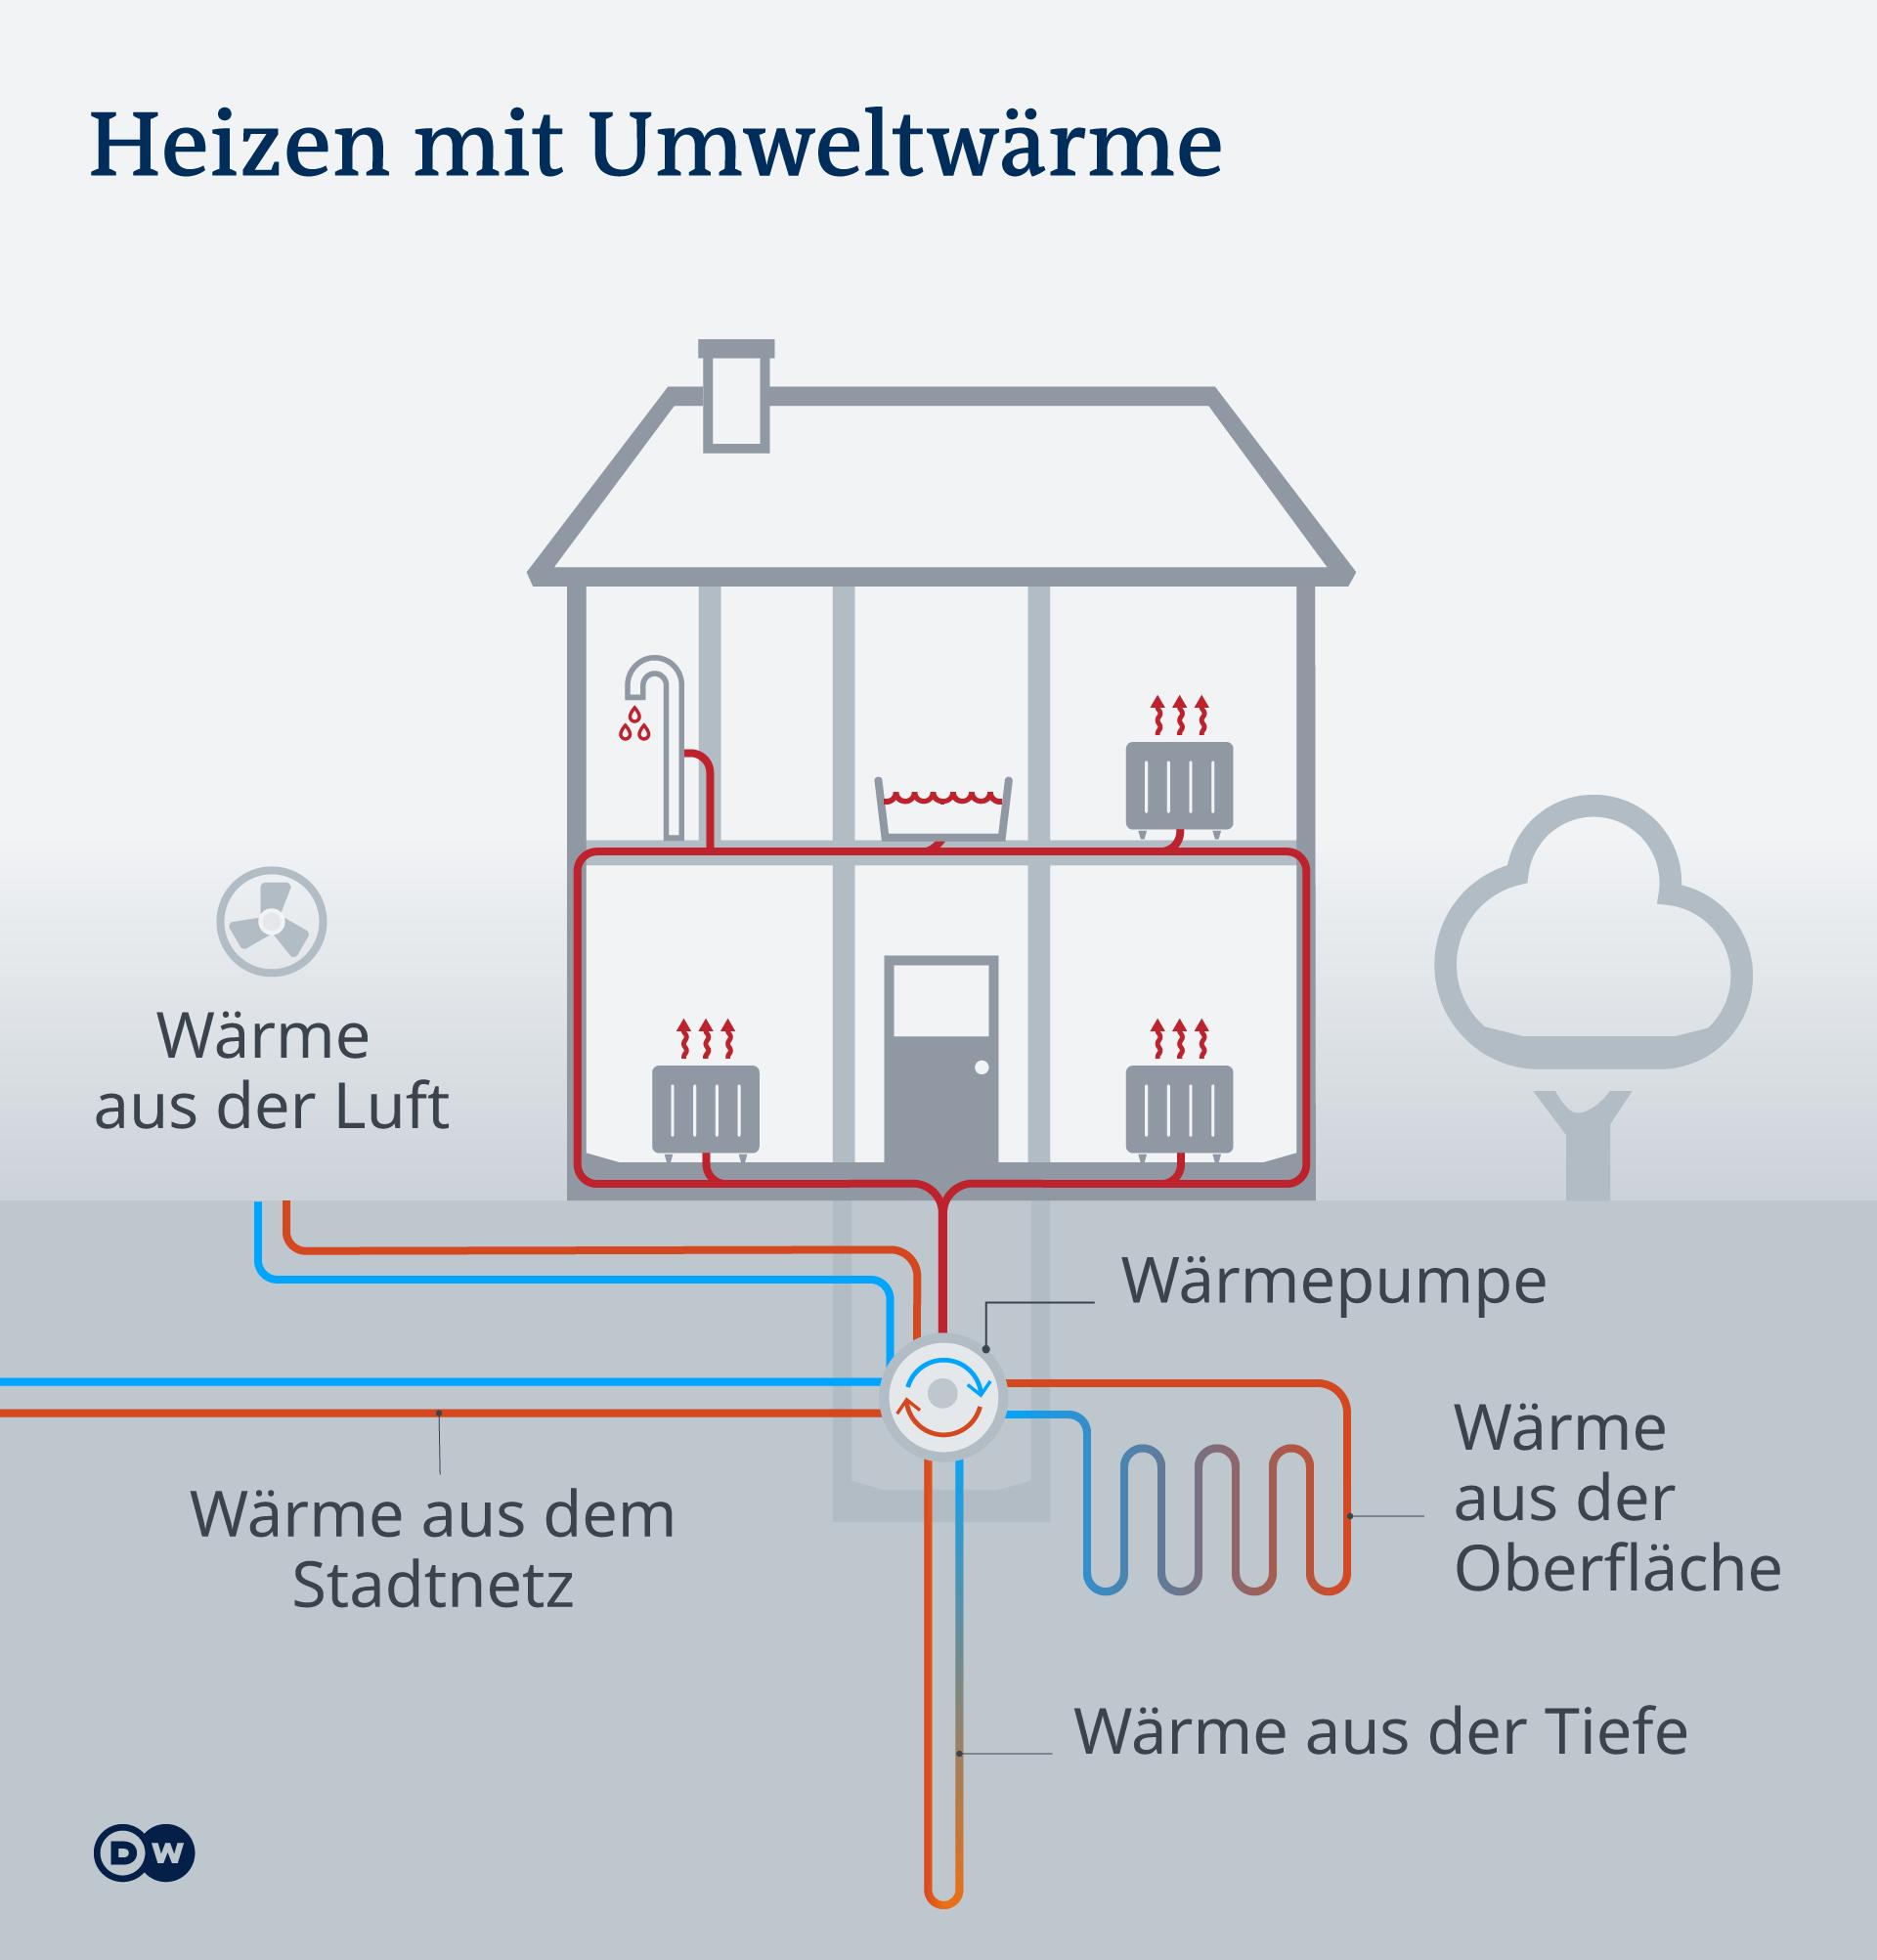 Infografik Heizen mit Umweltwärme. Mit Hilfe der Wärmepumpe wird Wärme aus dem Boden, vom Grundwasser; aus der Luft oder dem Stadtnetz (einer Kaltwärmeleitung) genutzt. Die Wämepumpe gilt als effektivste Energie